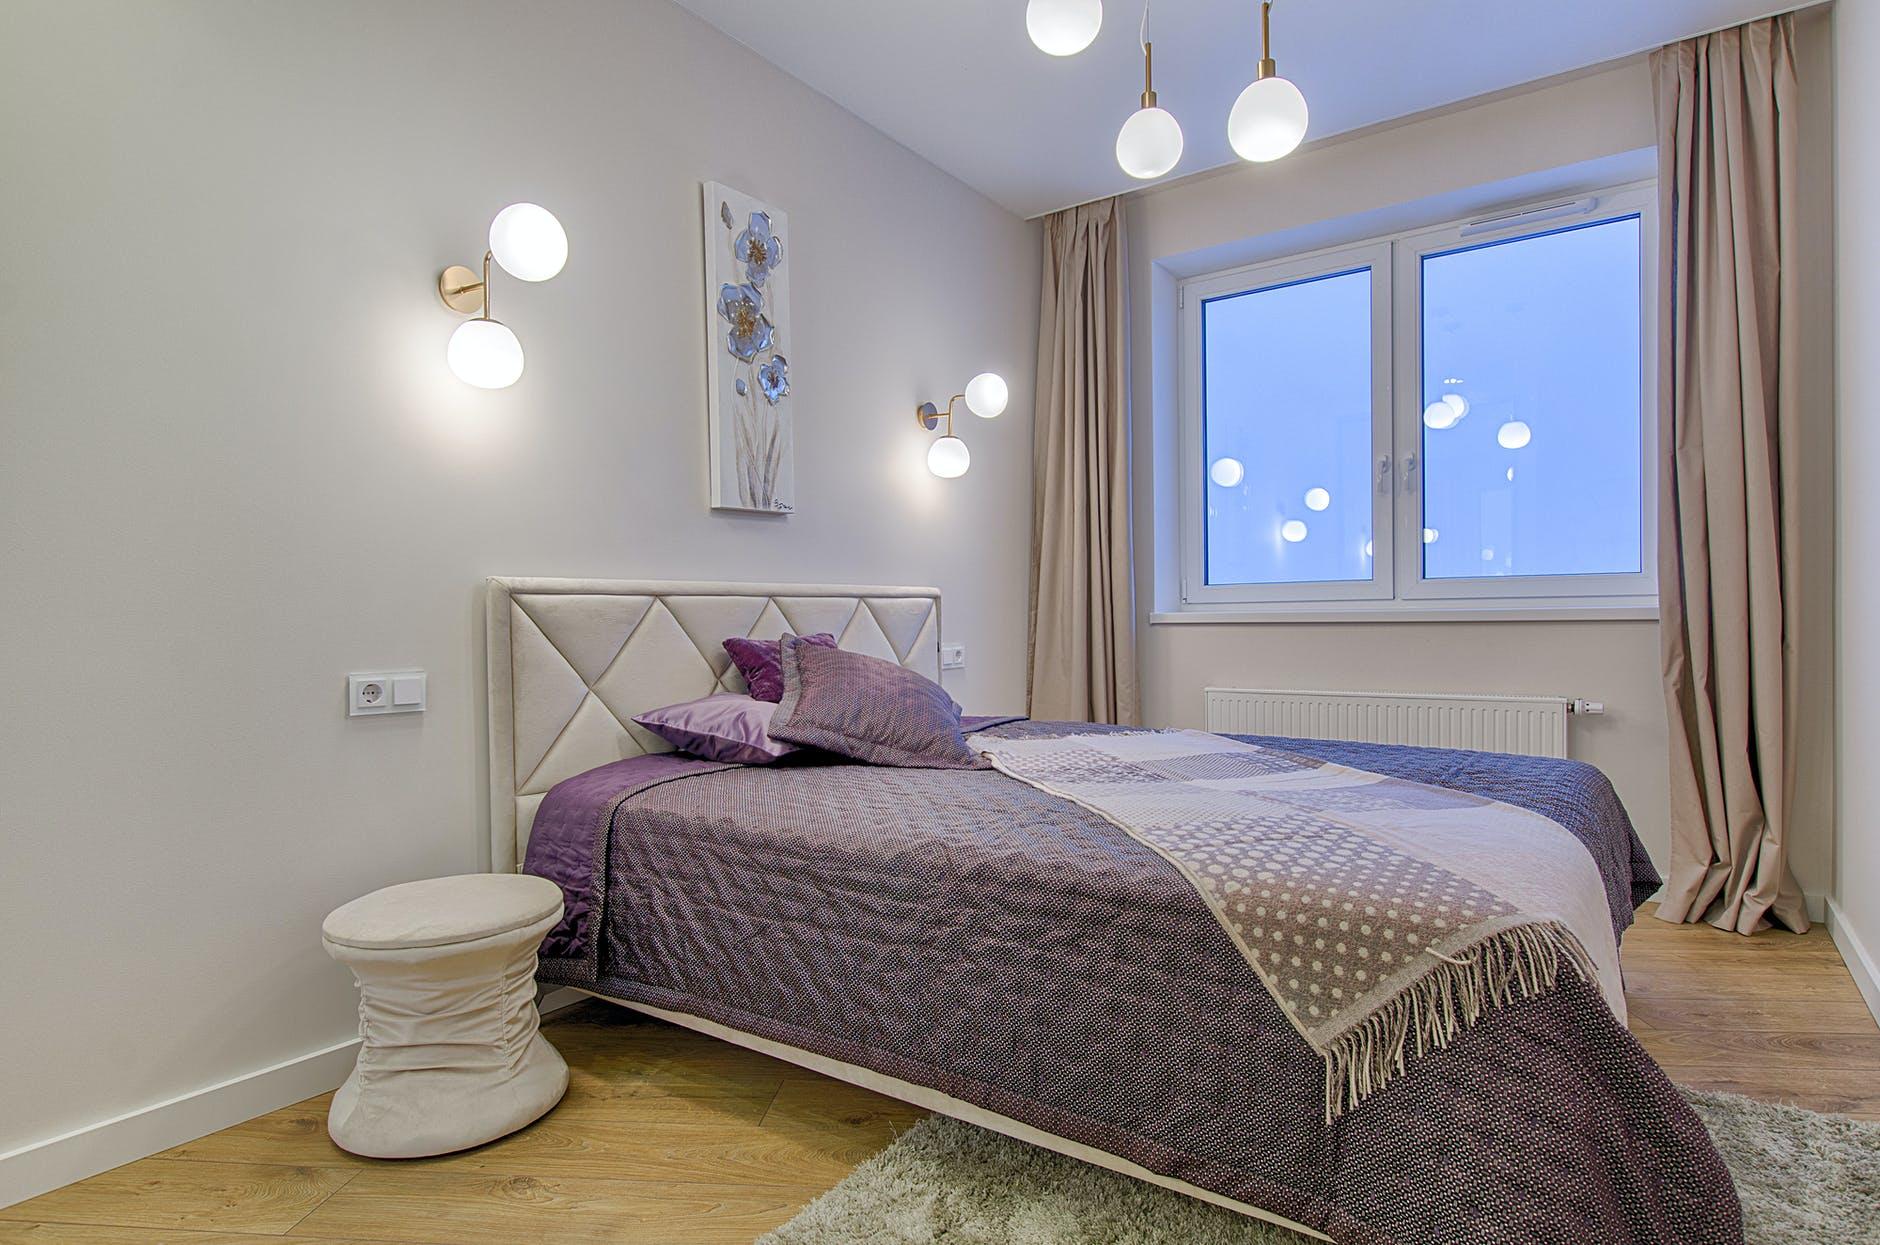 Правильный выбор штор в комнату